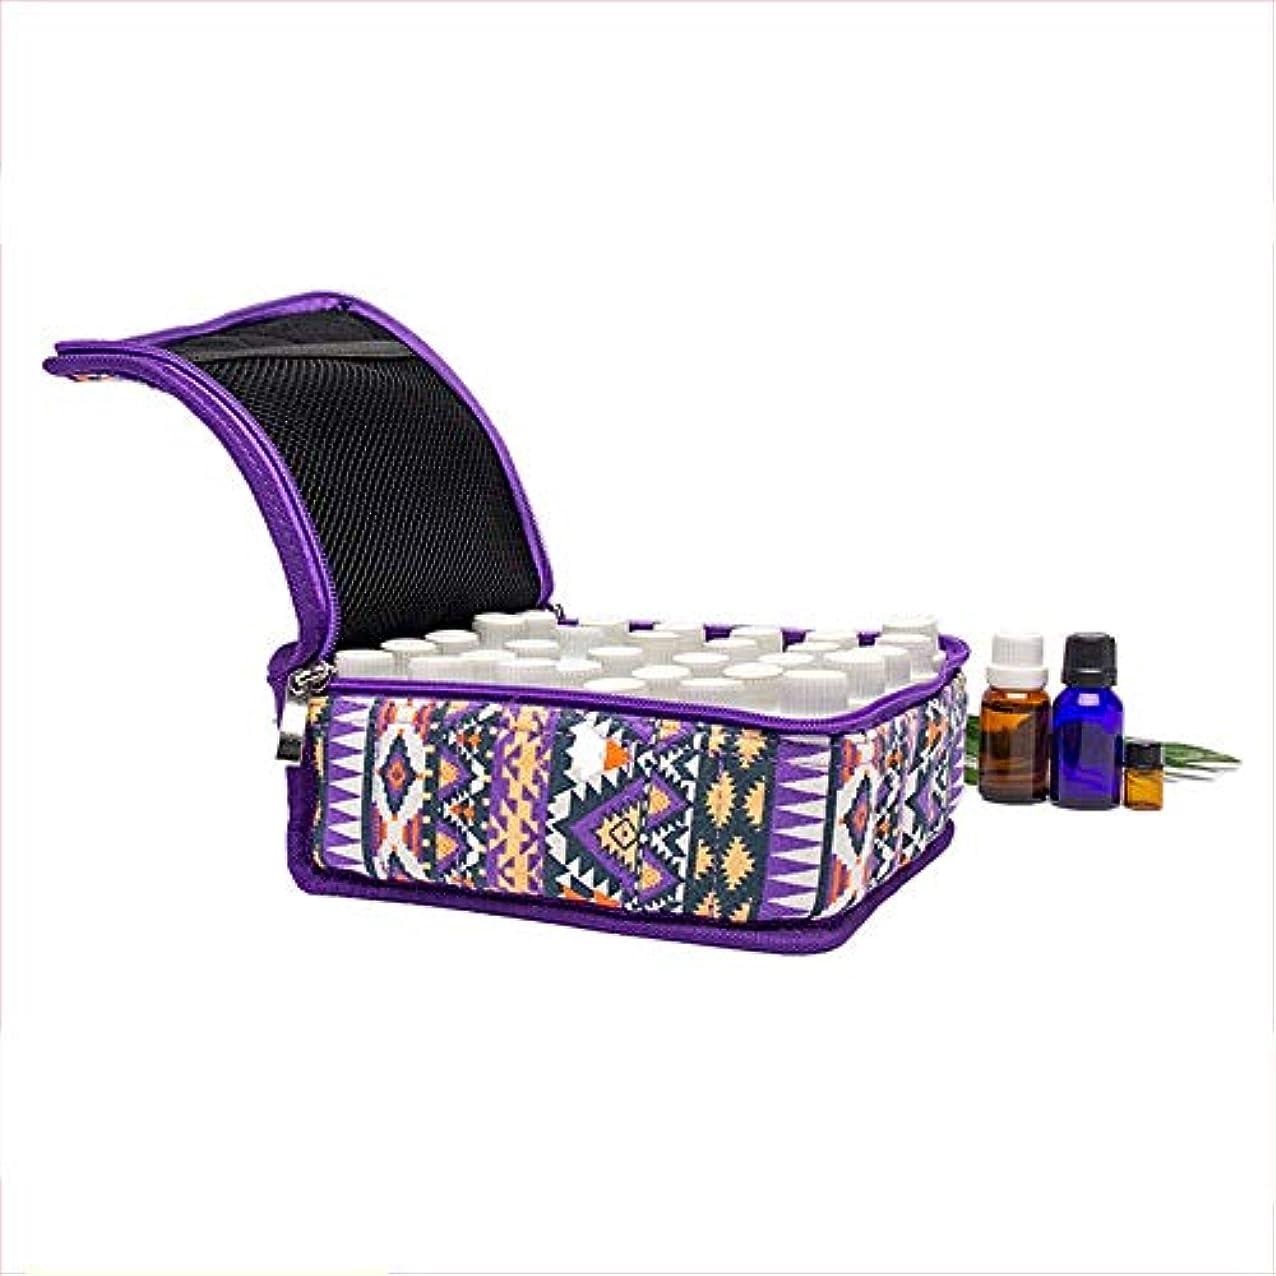 娯楽色嬉しいですエッセンシャルオイル収納ボックス エッセンシャルオイル収納ケース旅行エッセンシャルオイルキャリングケースは、30本のボトル10ミリリットルバイアルエッセンシャルオイルオーガナイザーバッグを開催します (色 : 紫の, サイズ...